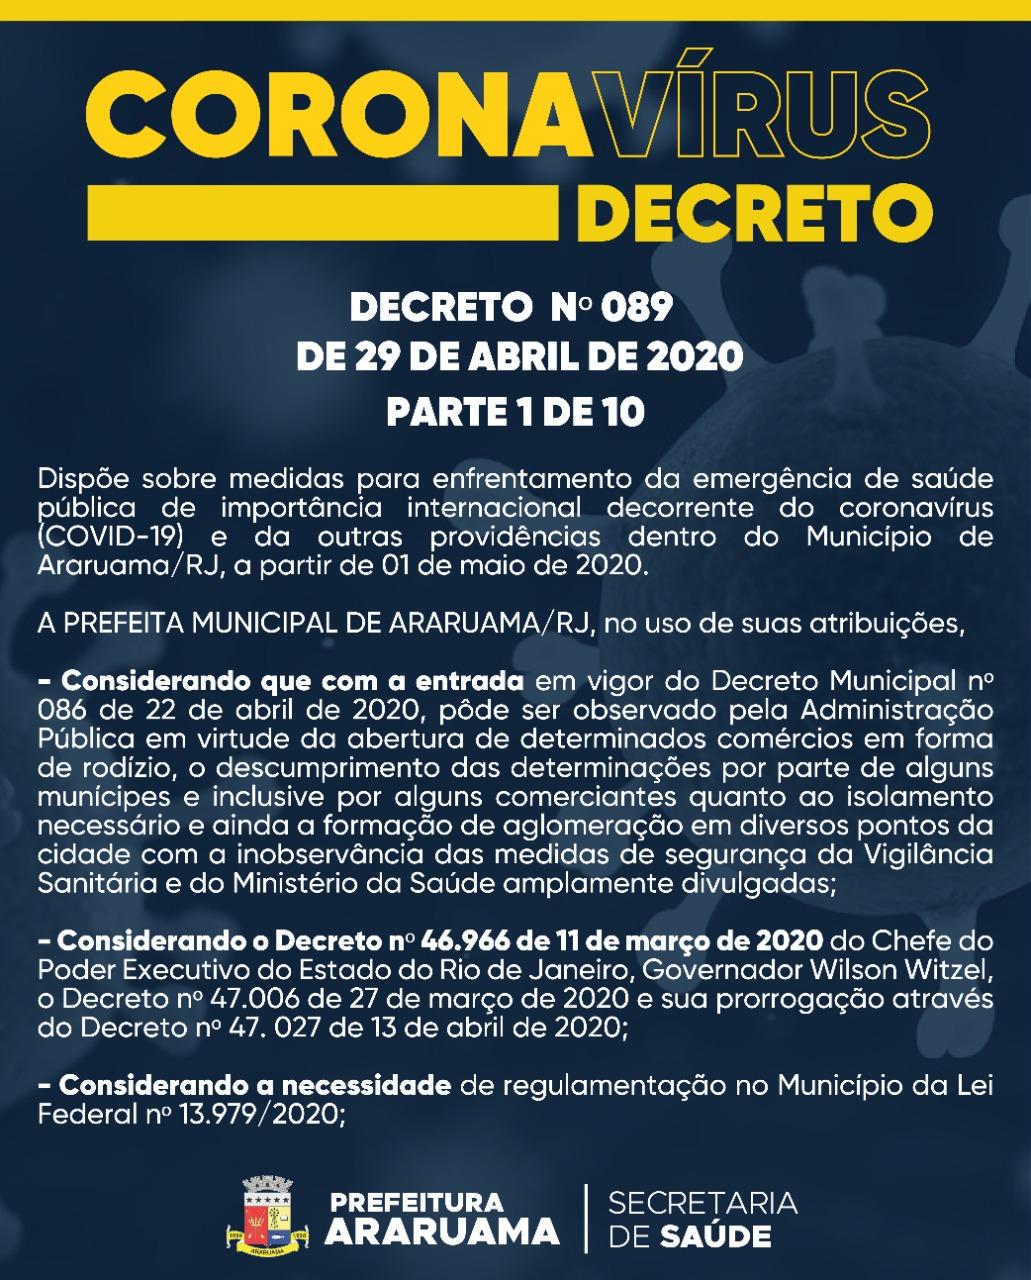 Prefeitura de Araruama determina novas medidas contra o COVID-19 devido não cumprimento integral do Decreto 086 de 22 de abril de 2020